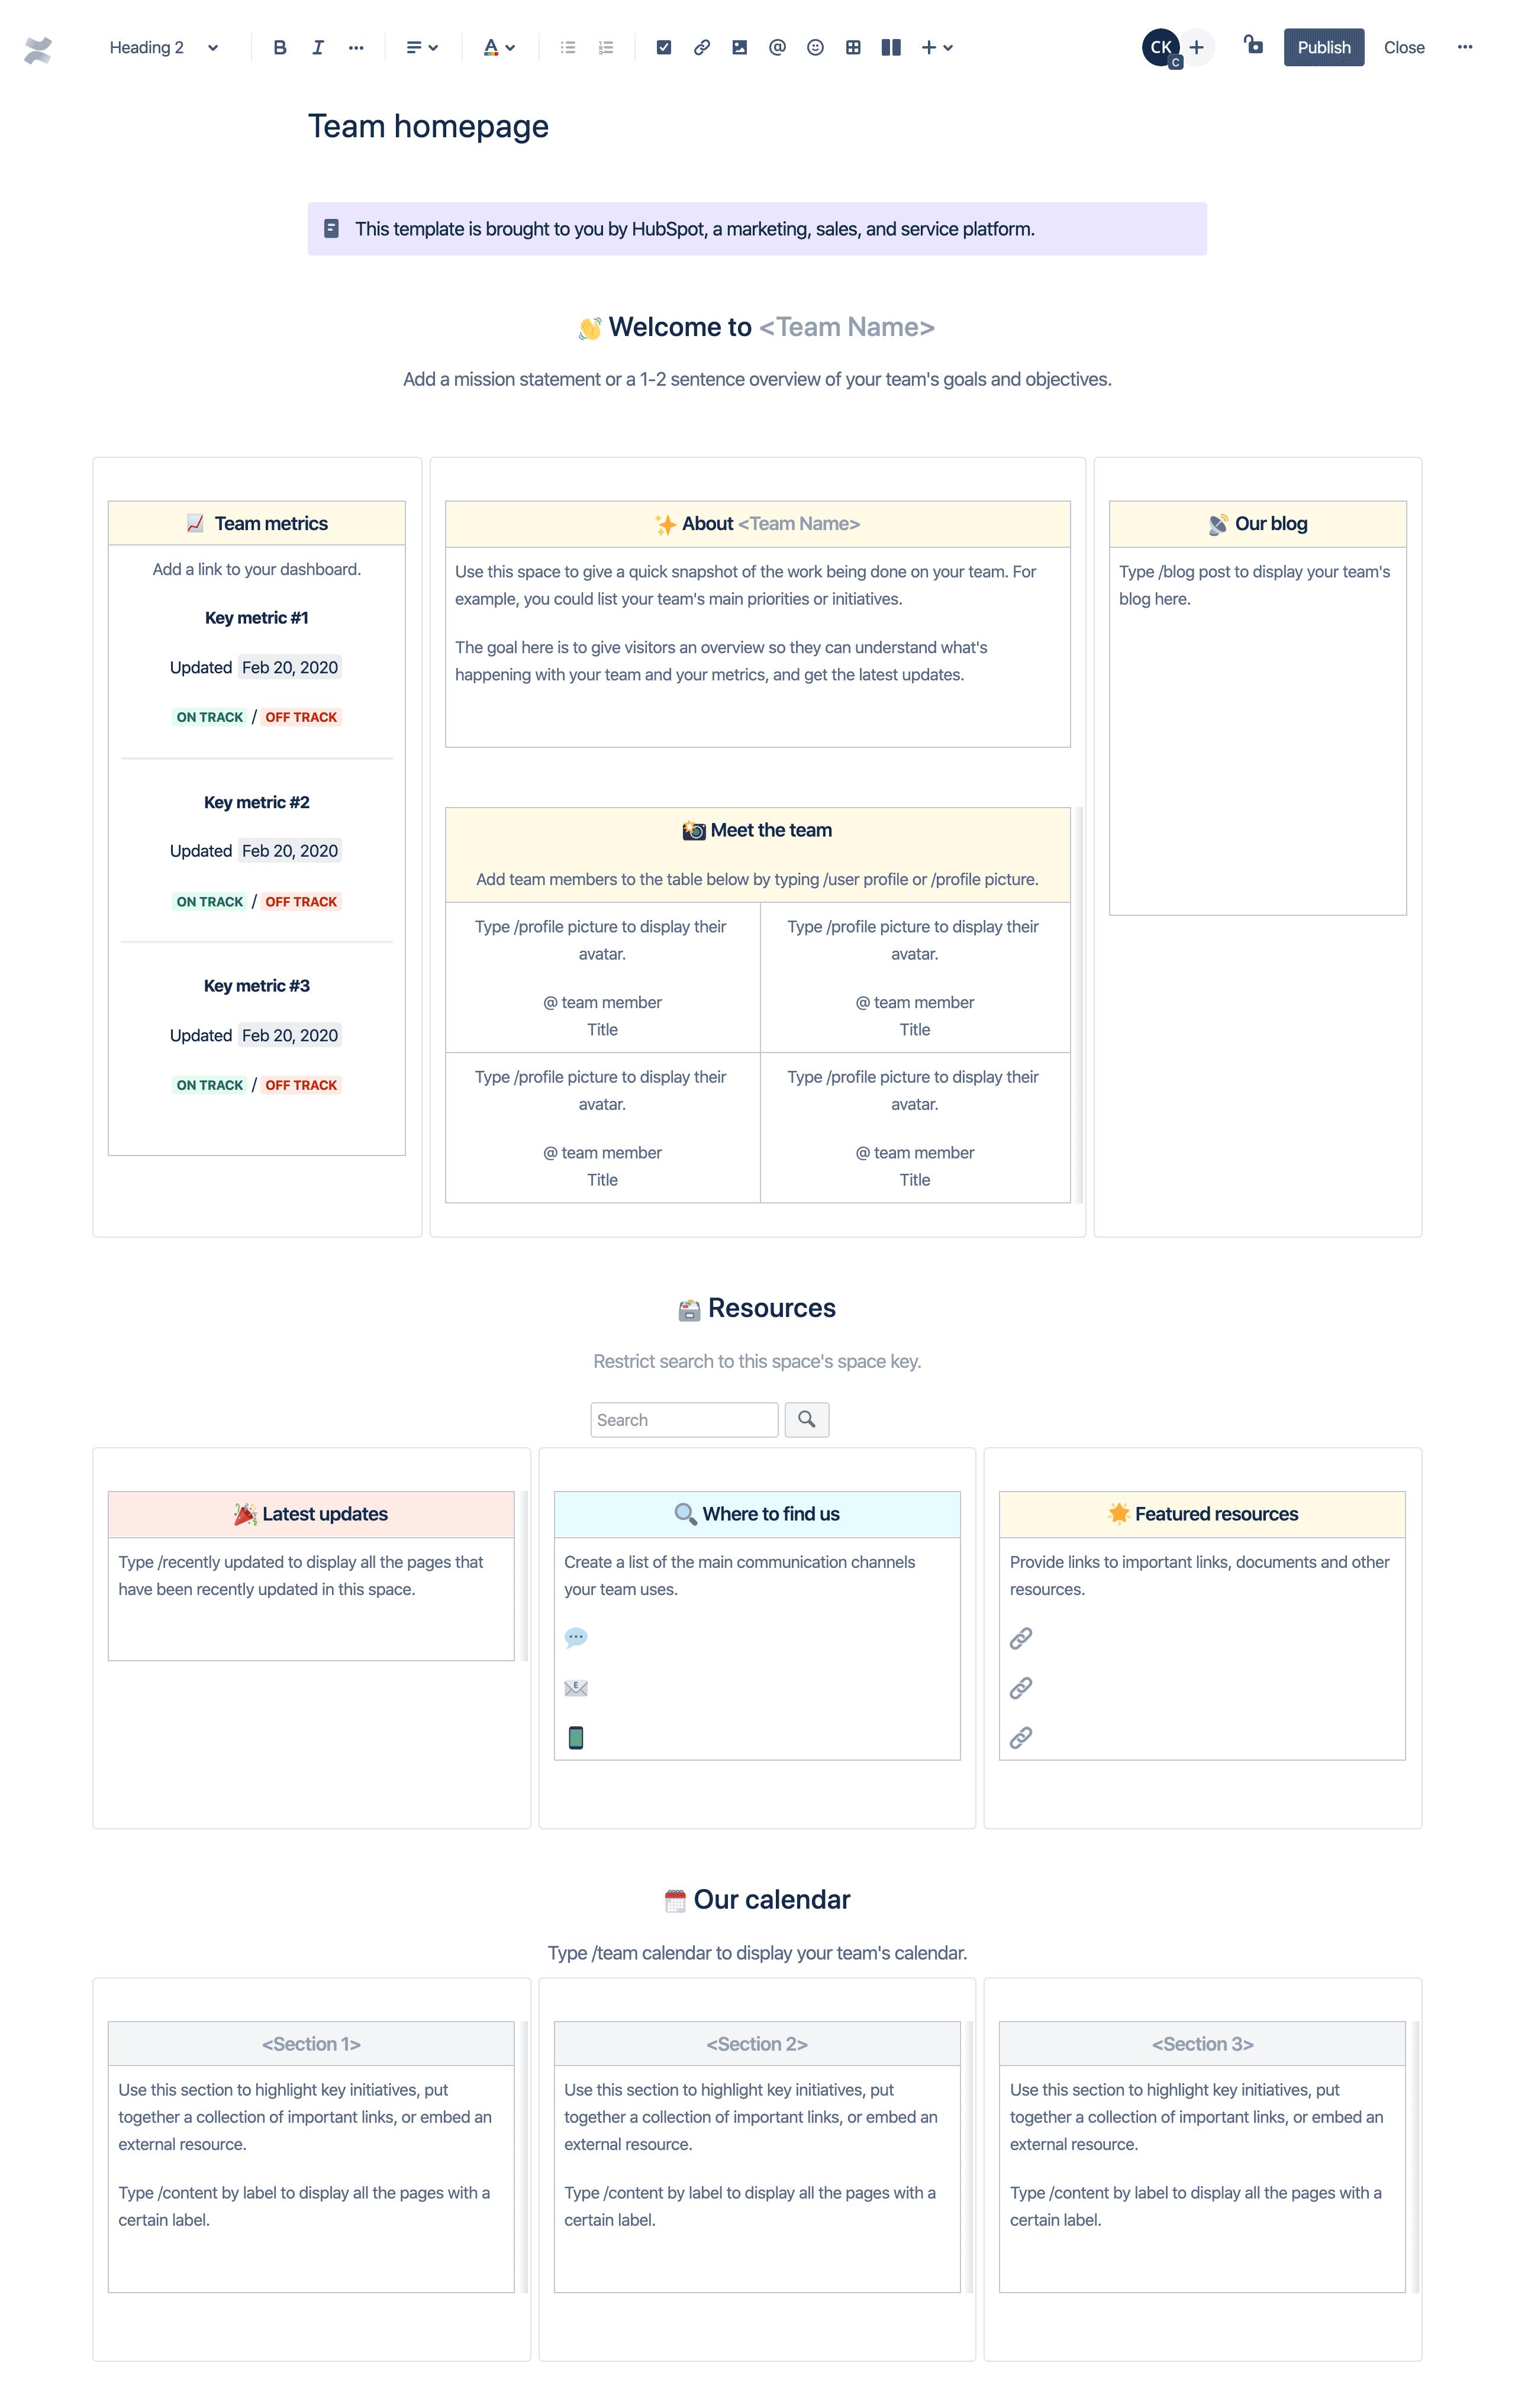 团队主页模板